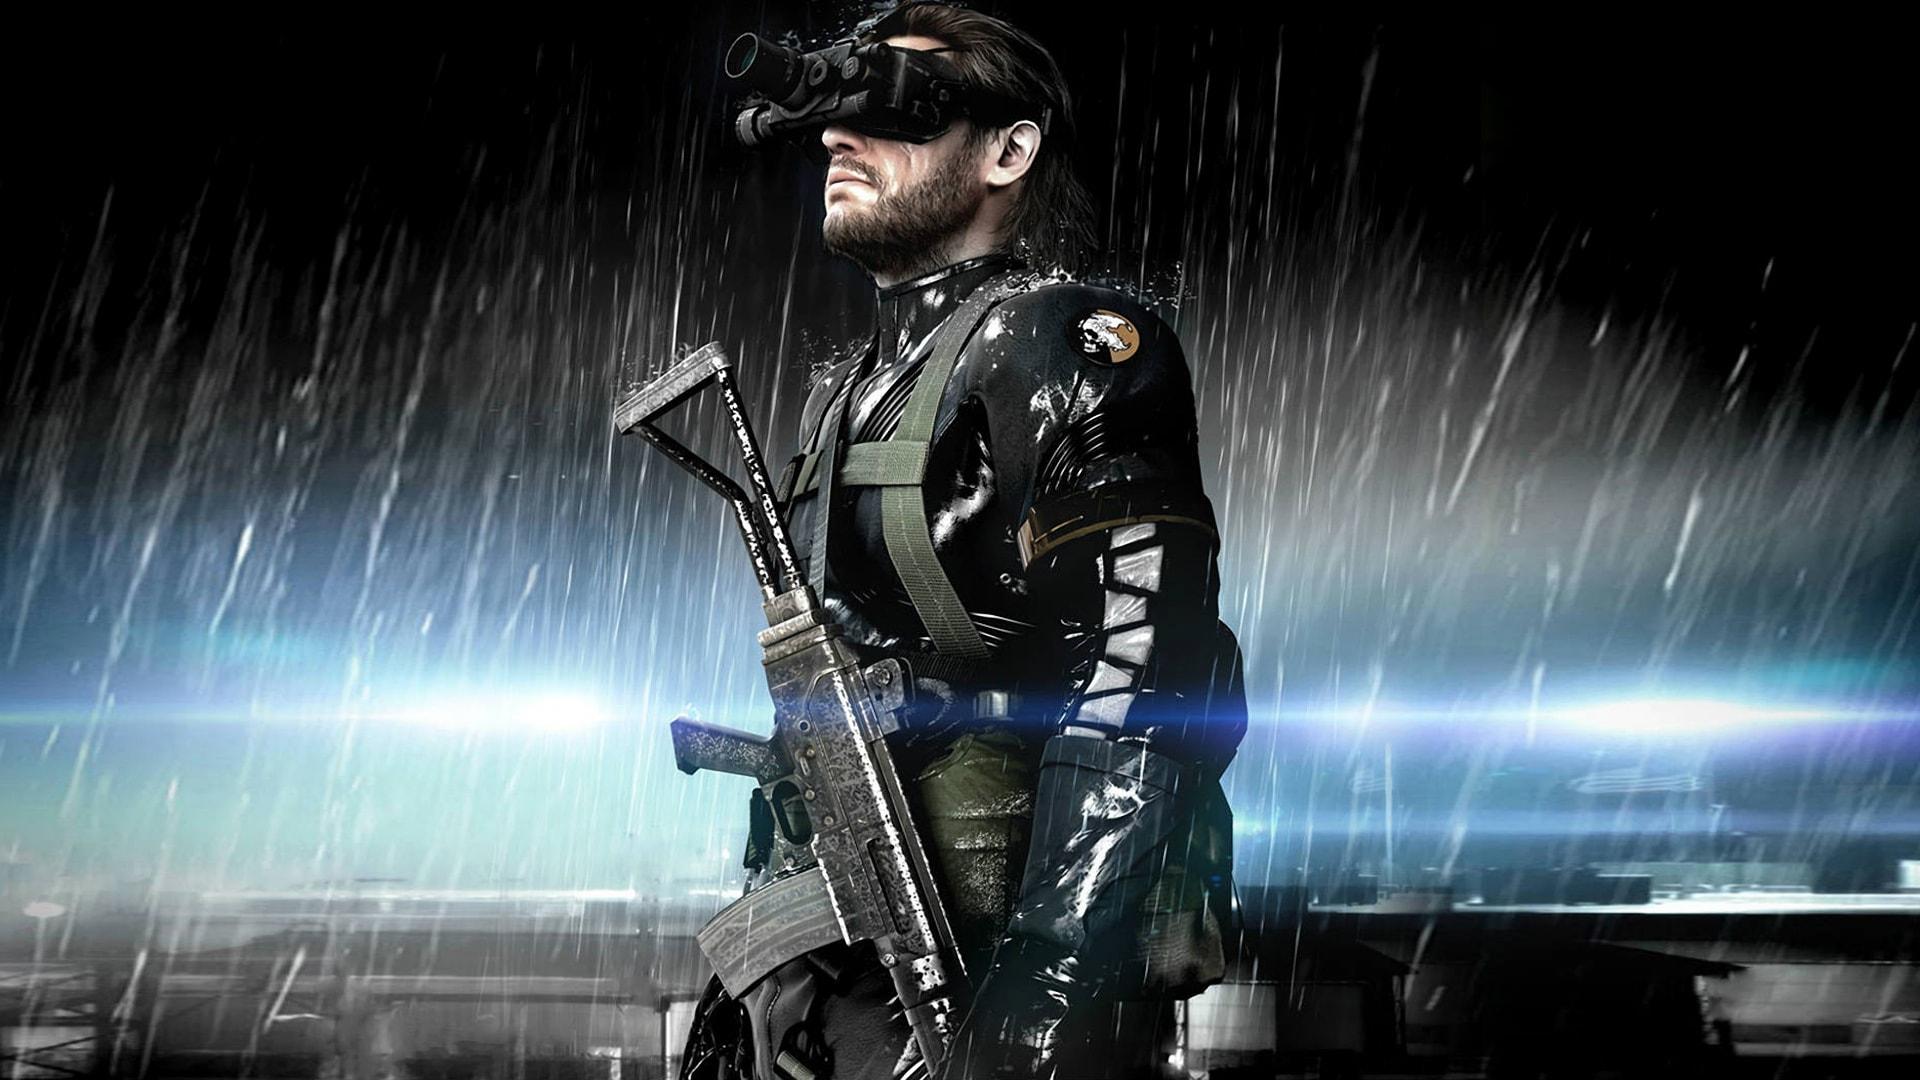 Metal Gear Solid V: The Phantom Pain HD pics